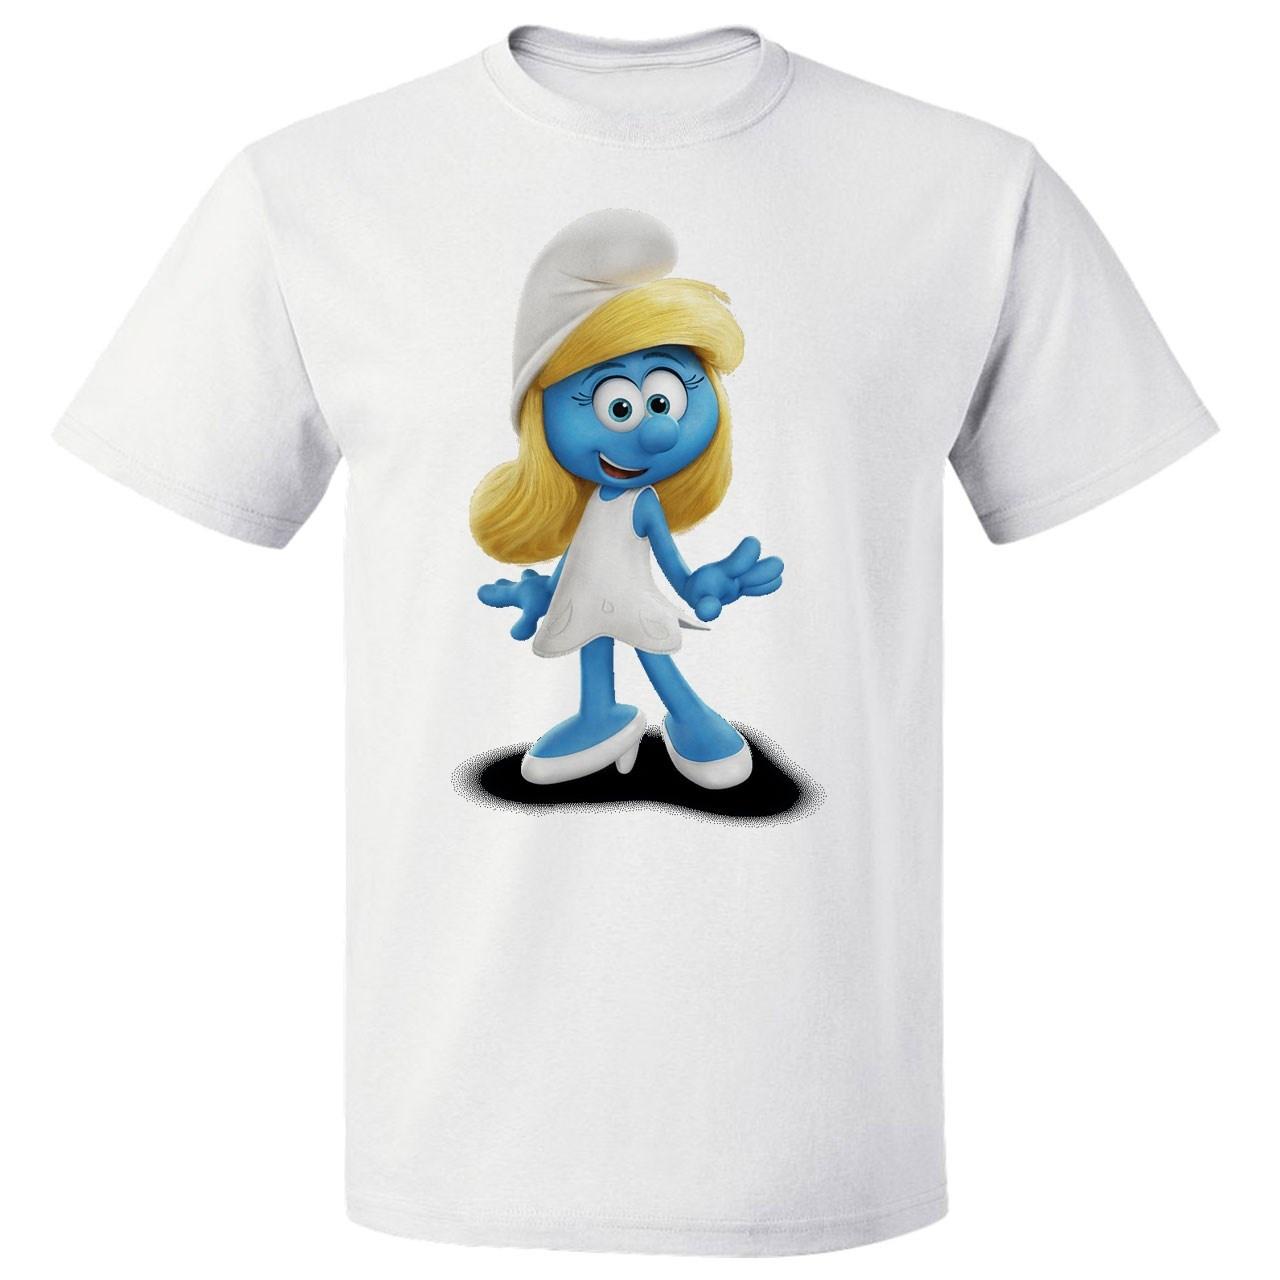 Photo of تی شرت  پارس طرح کارتونی اسمورف کد 7138